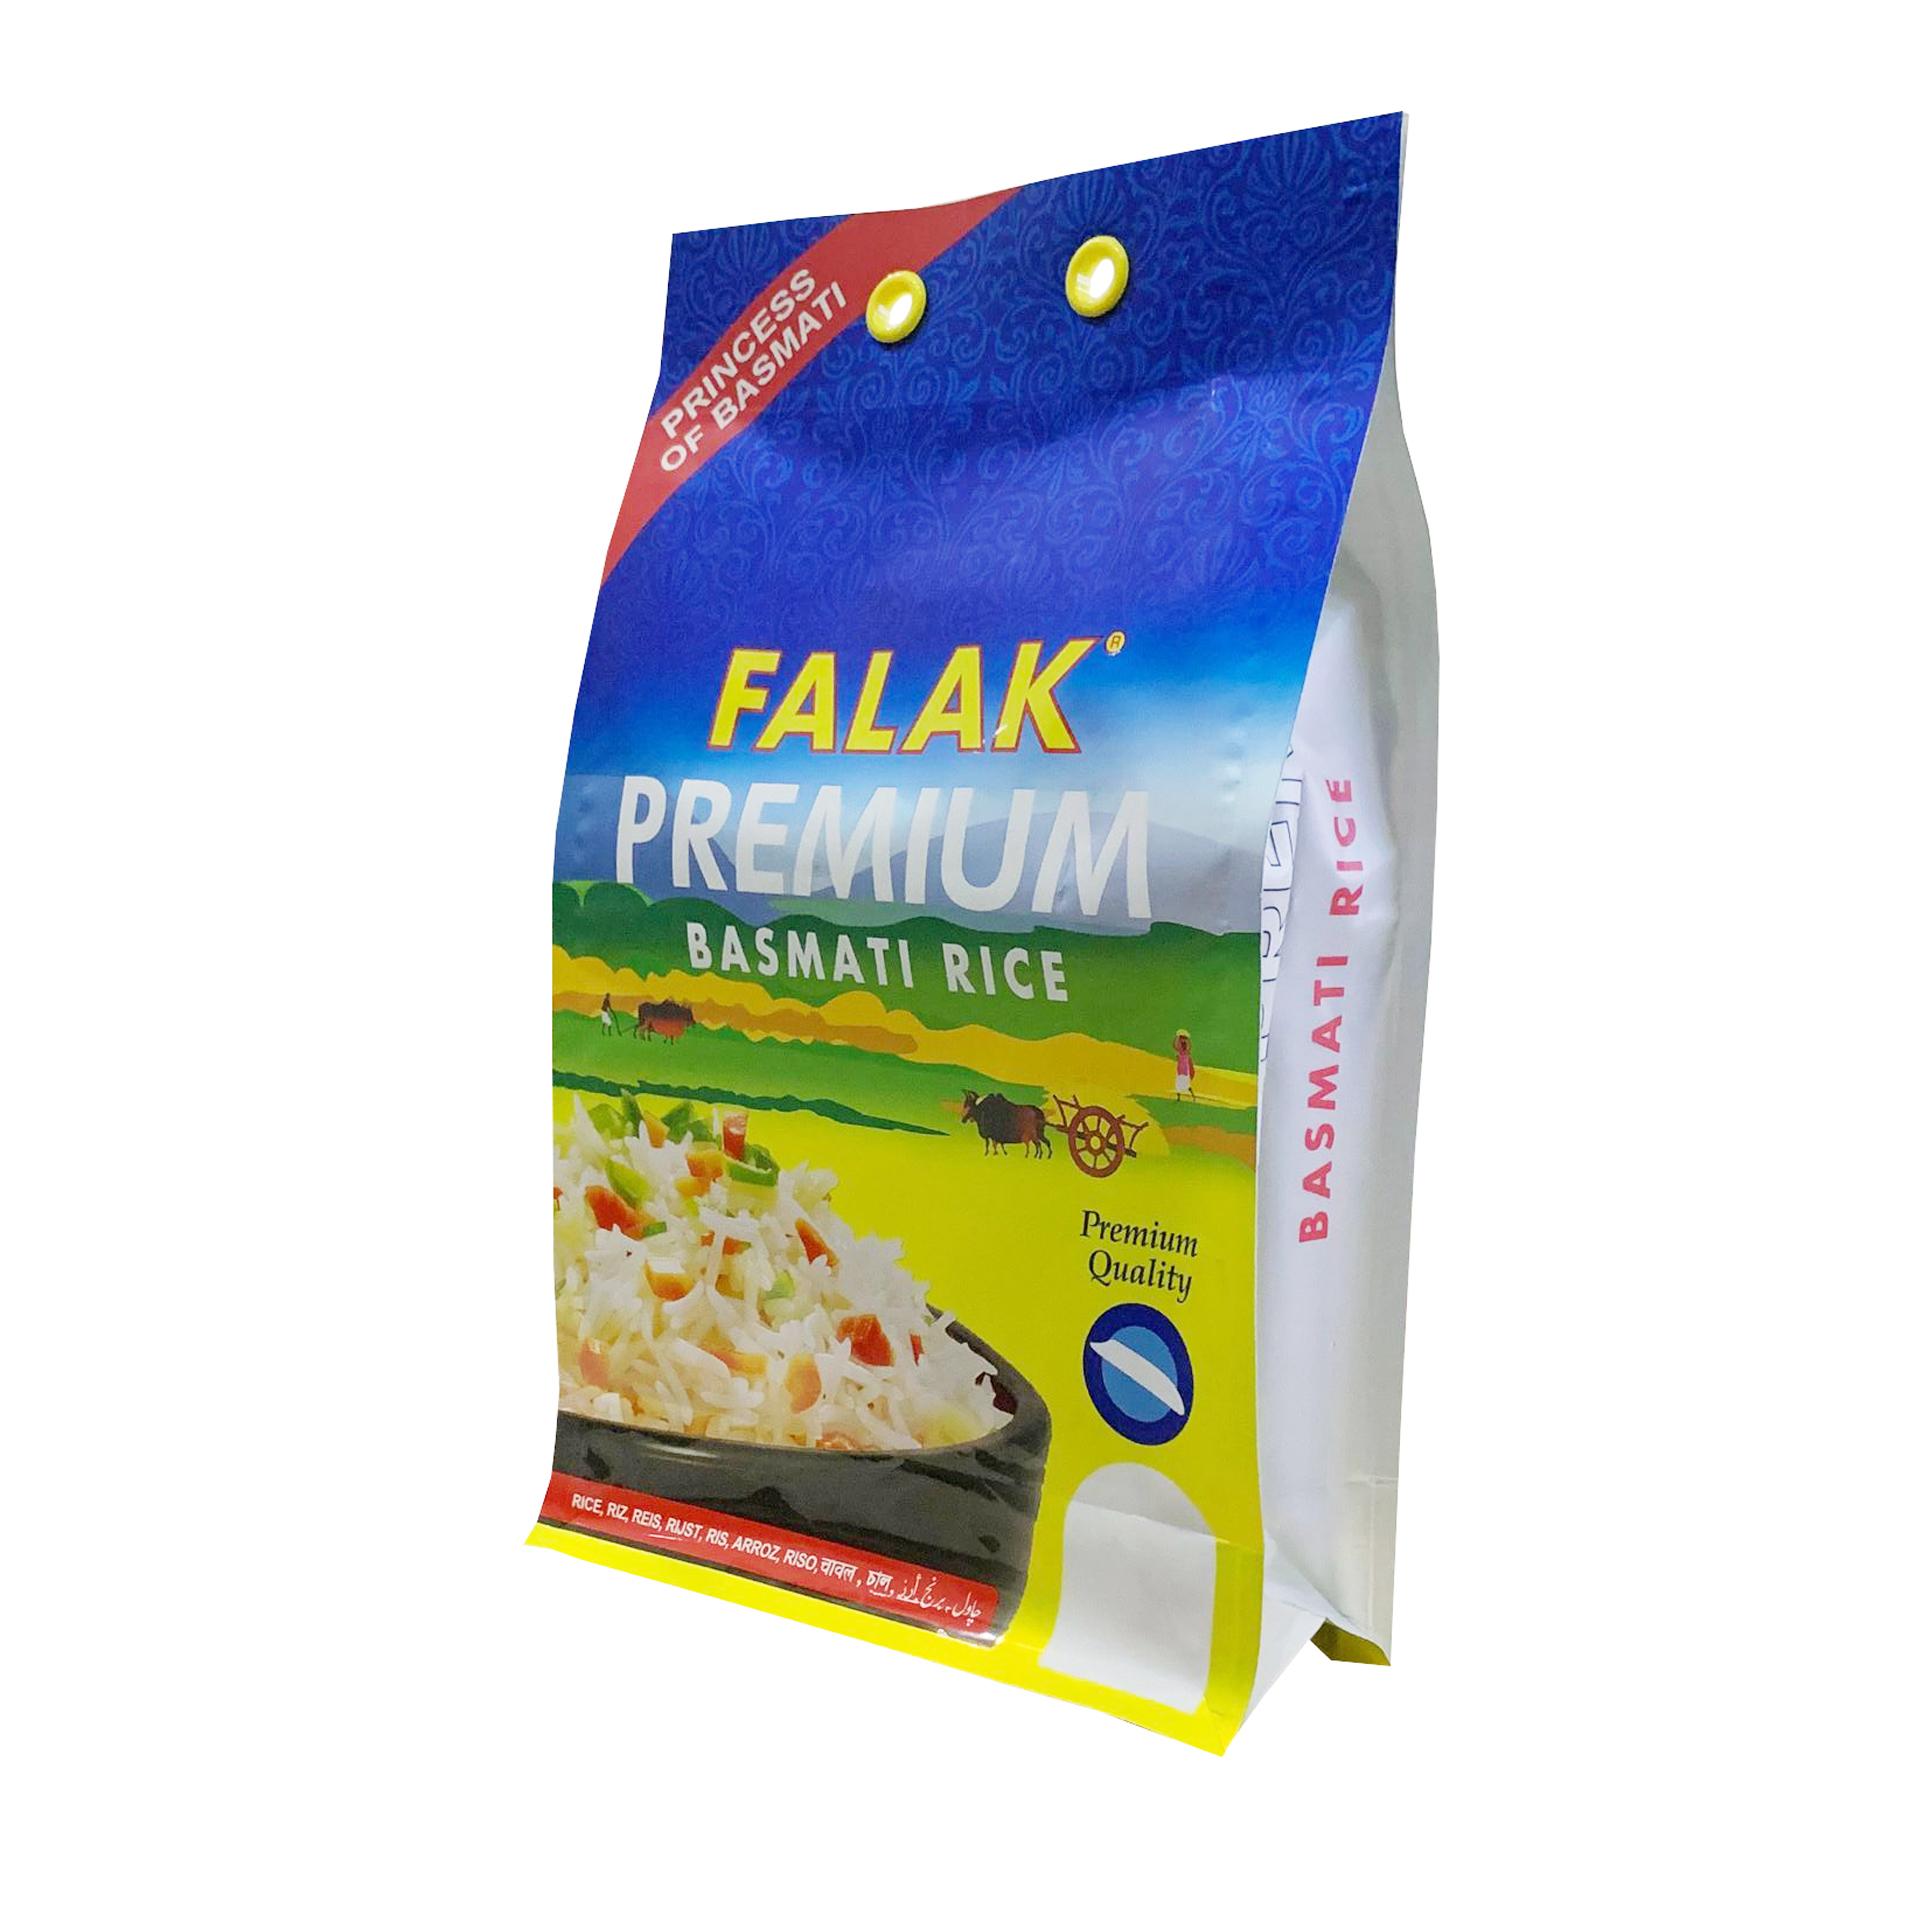 China Lieferant Großhandel Reis Kunststoff Verpackung Tasche Lebensmittel Grade 1 kg 2 kg 5 kg Reis Tasche Mit Sichtfenster